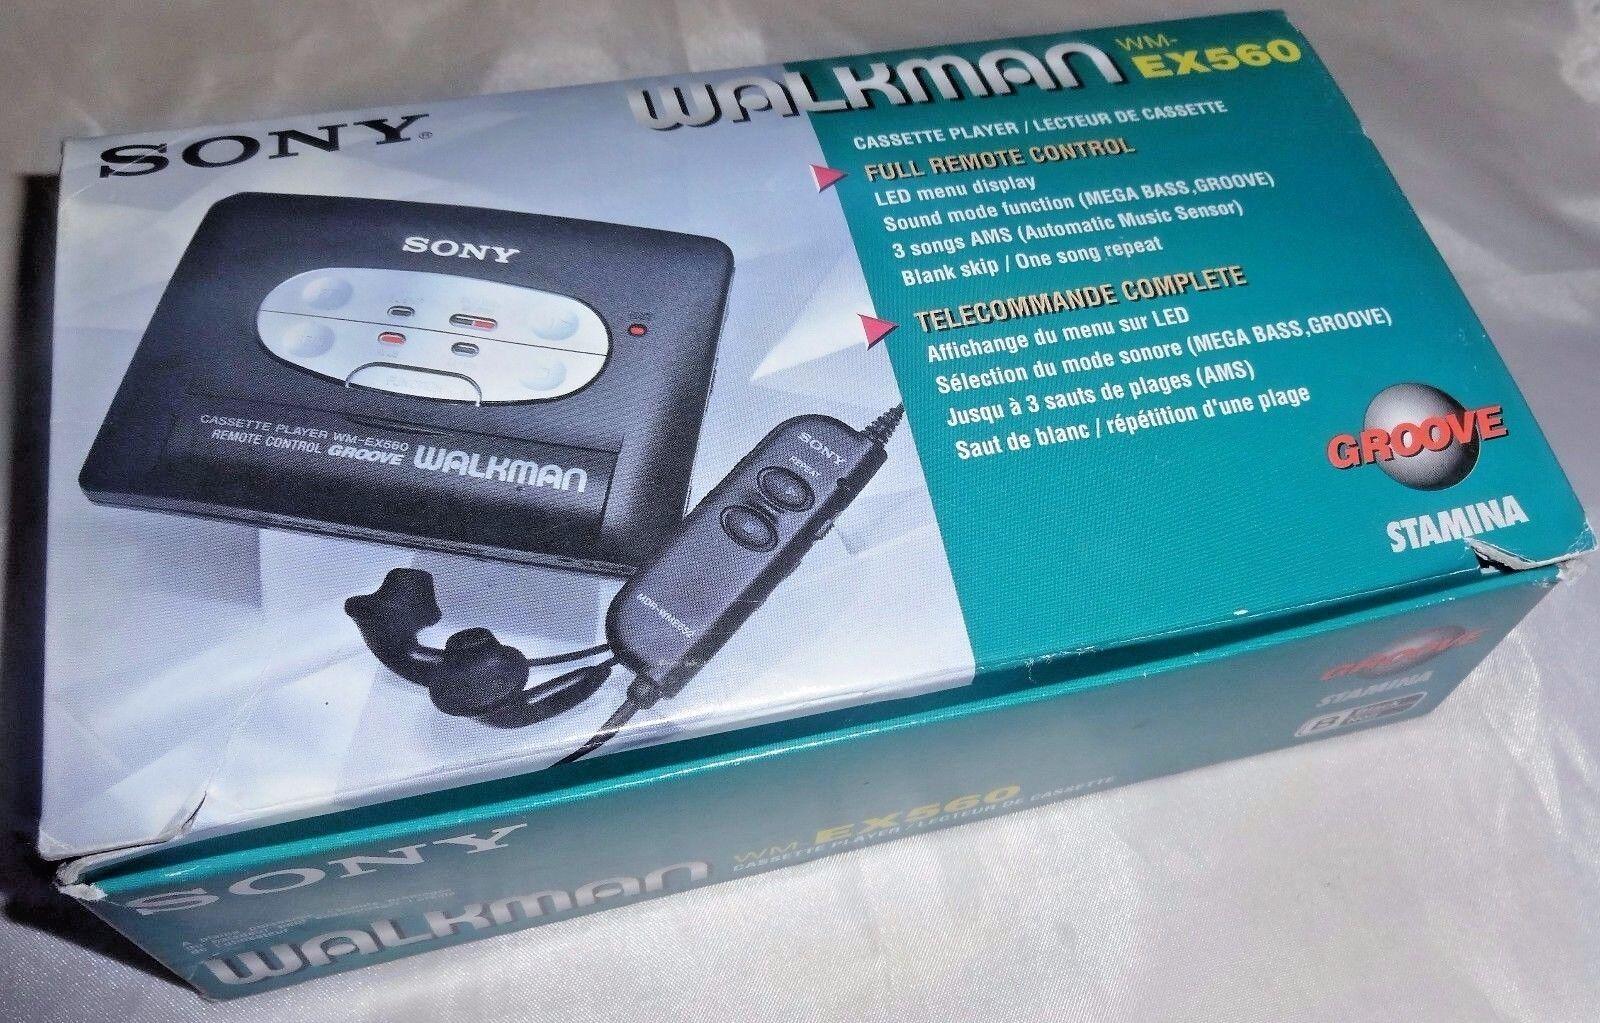 Sony Vintage Walkman Wm-ex560 Cassette Player Belt Fitted Sound